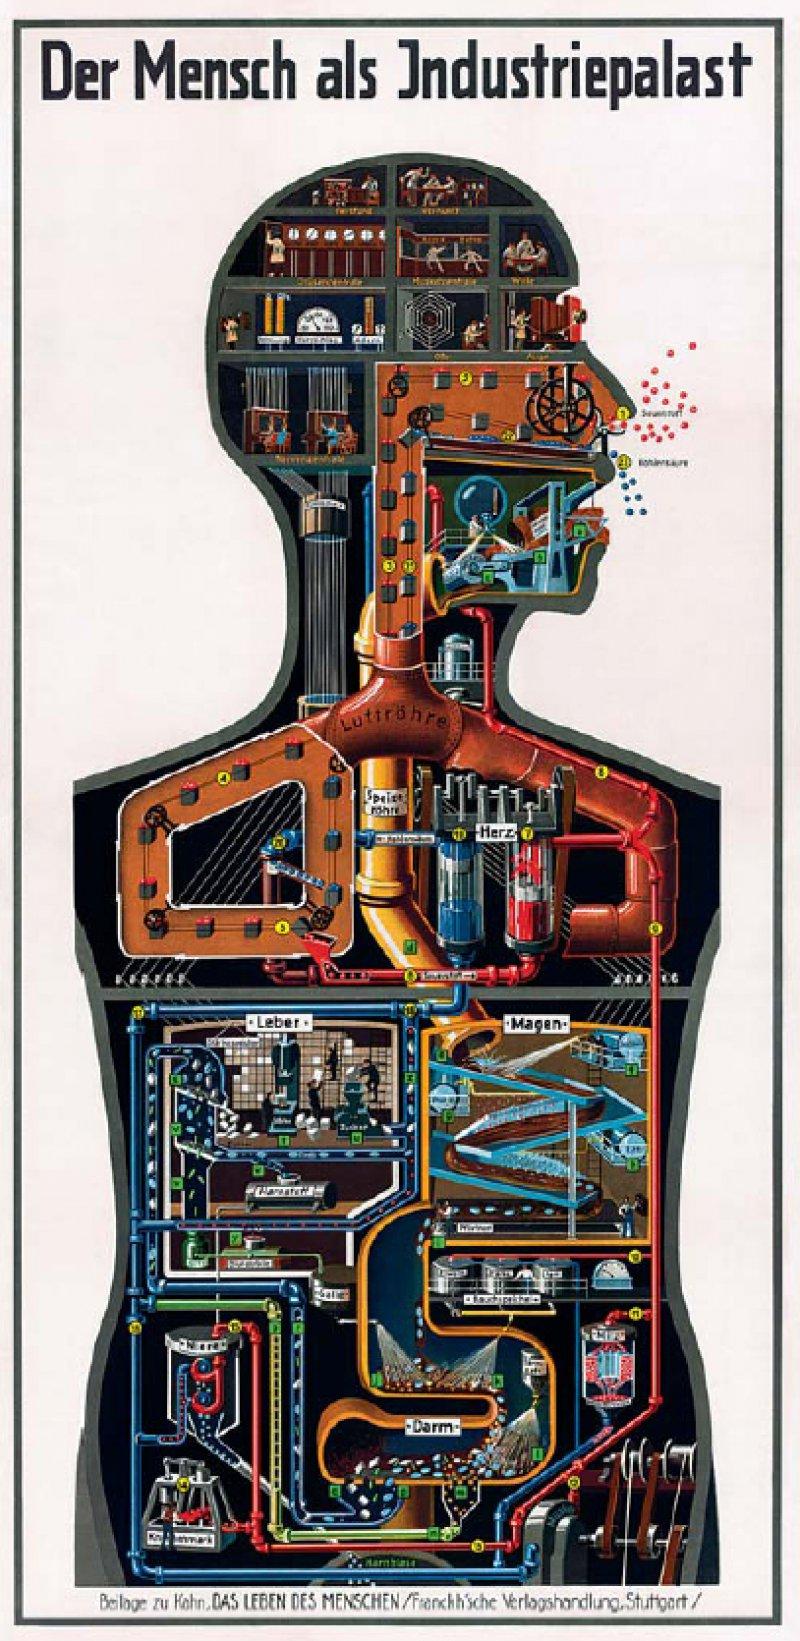 Einer technischen Zeichnung gleicht der Mensch auf Kahns wohl bekanntestem Bild, einem Poster. Der Schnitt durch den Körper gibt den Blick frei auf eine Abfolge von Produktionsvorgängen. Fotos: Debschitz, fritz-kahn.com